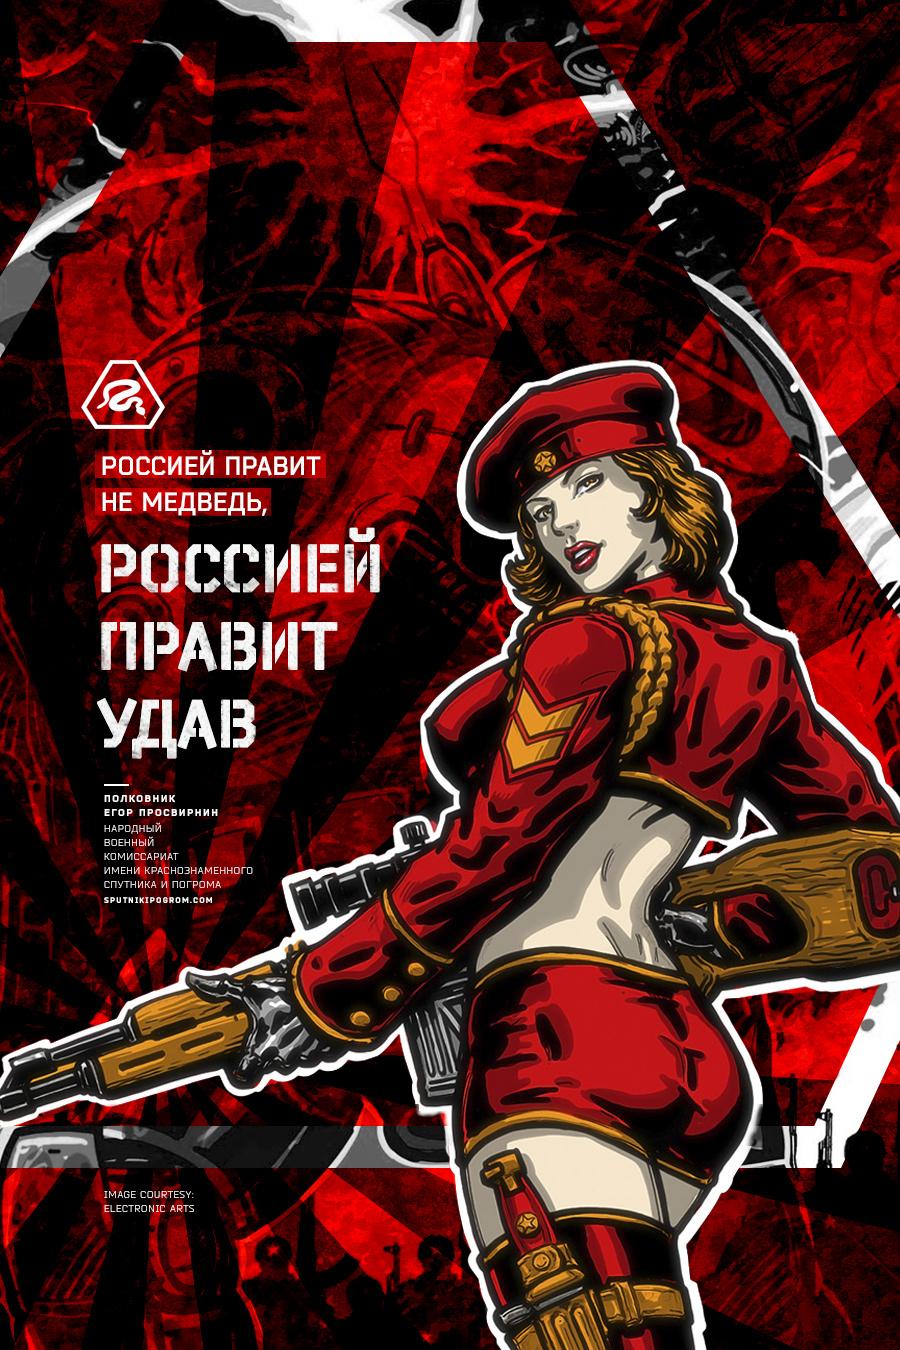 Нет никакого русского медведя